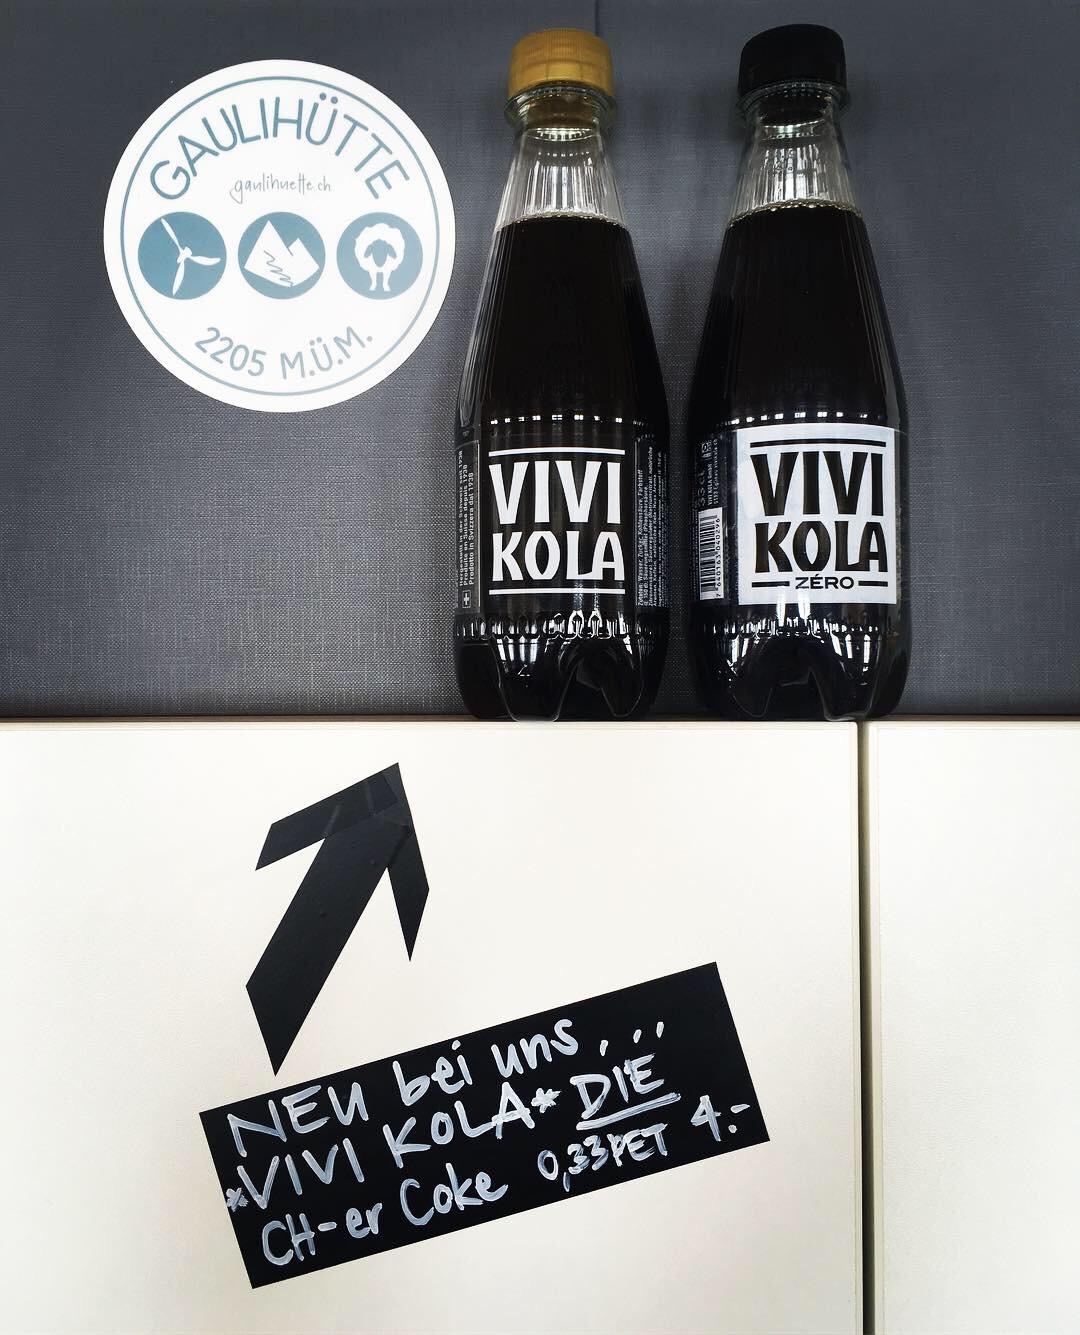 ...20: Vivi Kola ahoi! Ab sofort gibts die echte Schweizer Coke bei uns